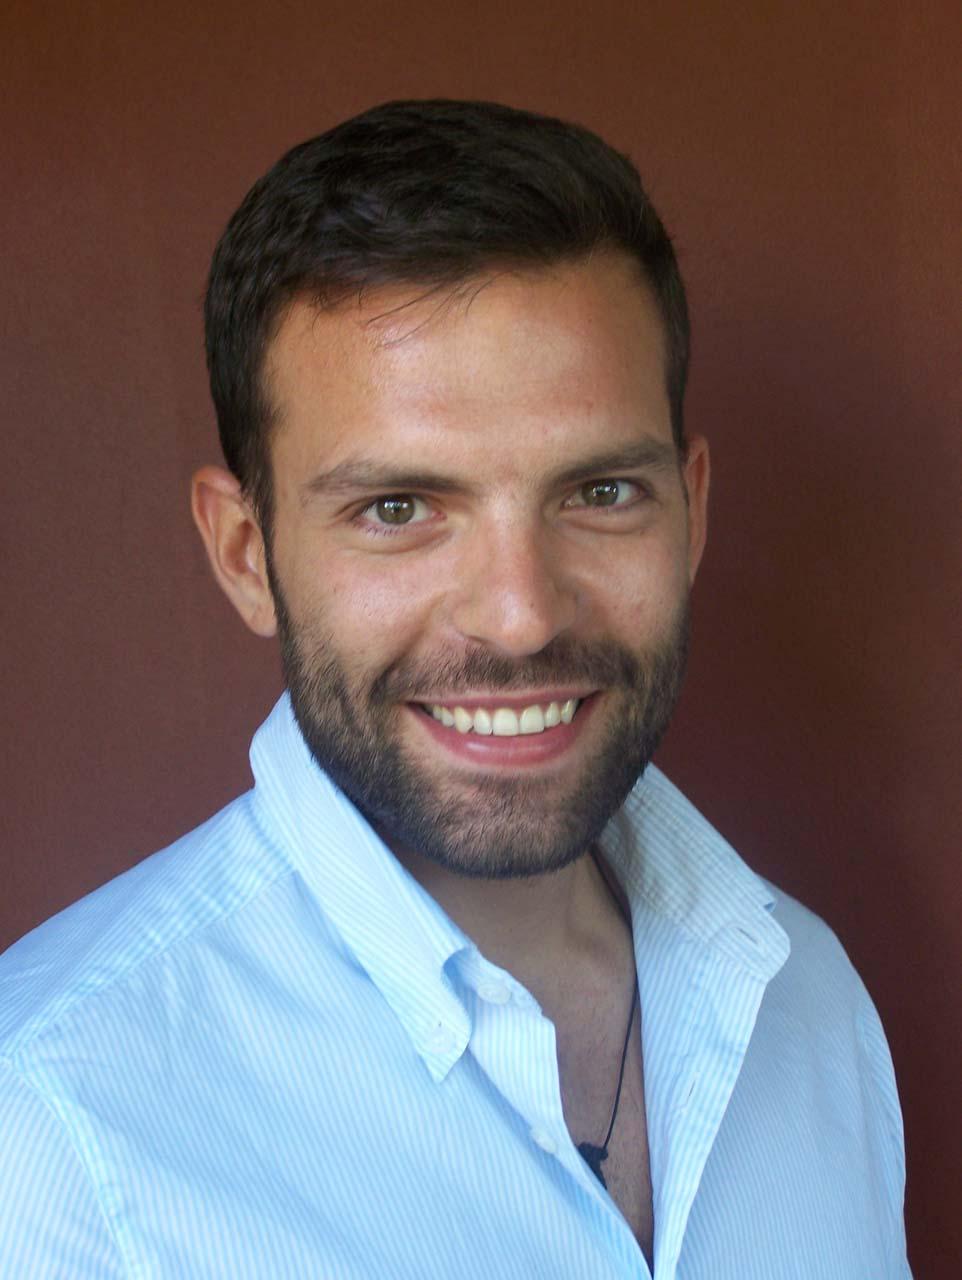 Yiannis Katakis